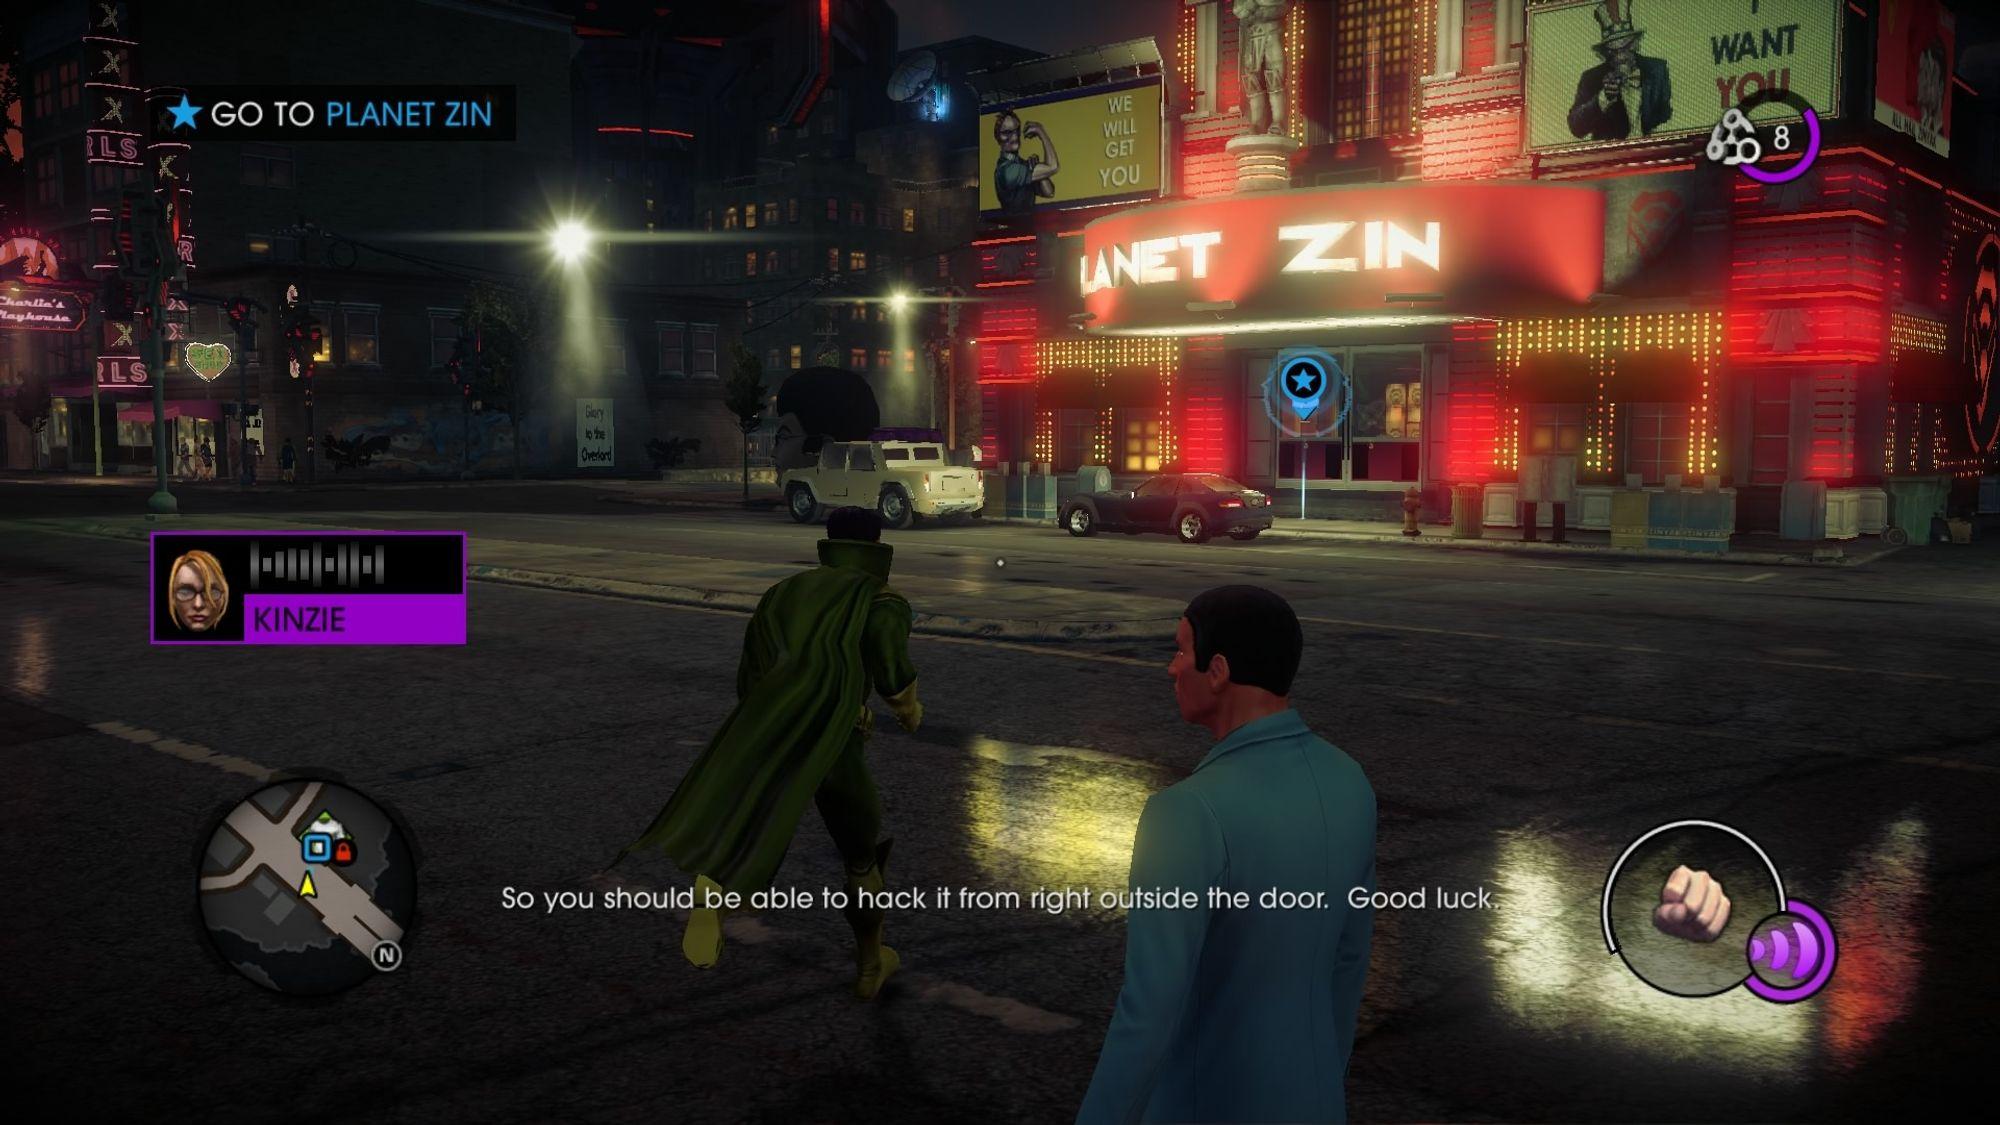 Alt om Saints Row IV: Re-Elected (PS4) - Gamer.no